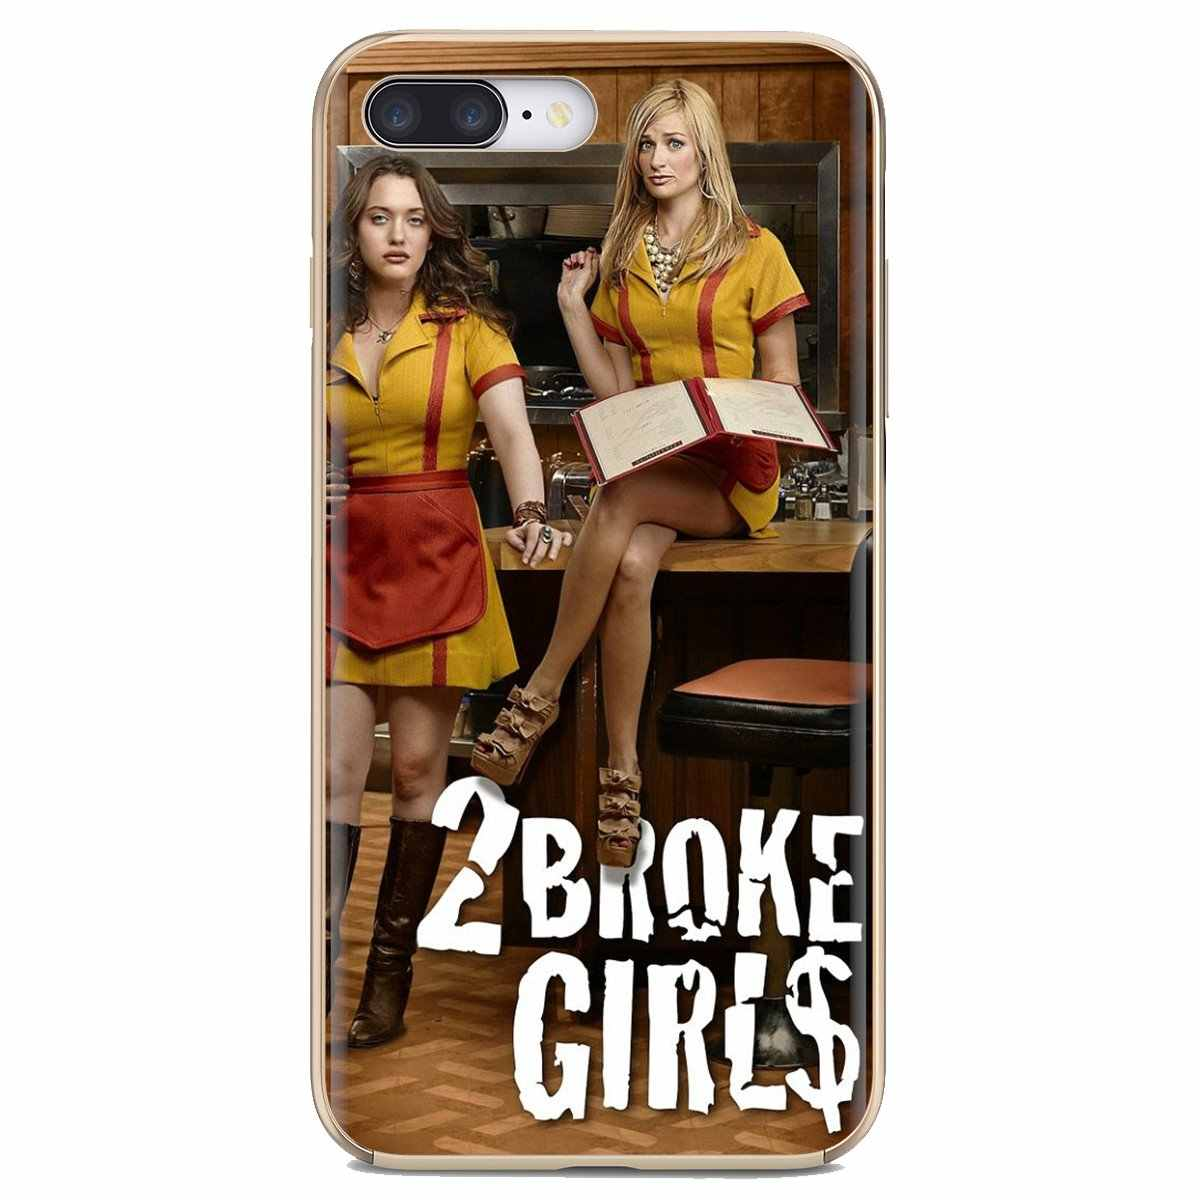 Huawei onur için Y5 2018 2019 8S 9X Pro 20 10 10i Lite 2 Broke Girls Drama programı irls silikon telefon kaplaması kılıfı